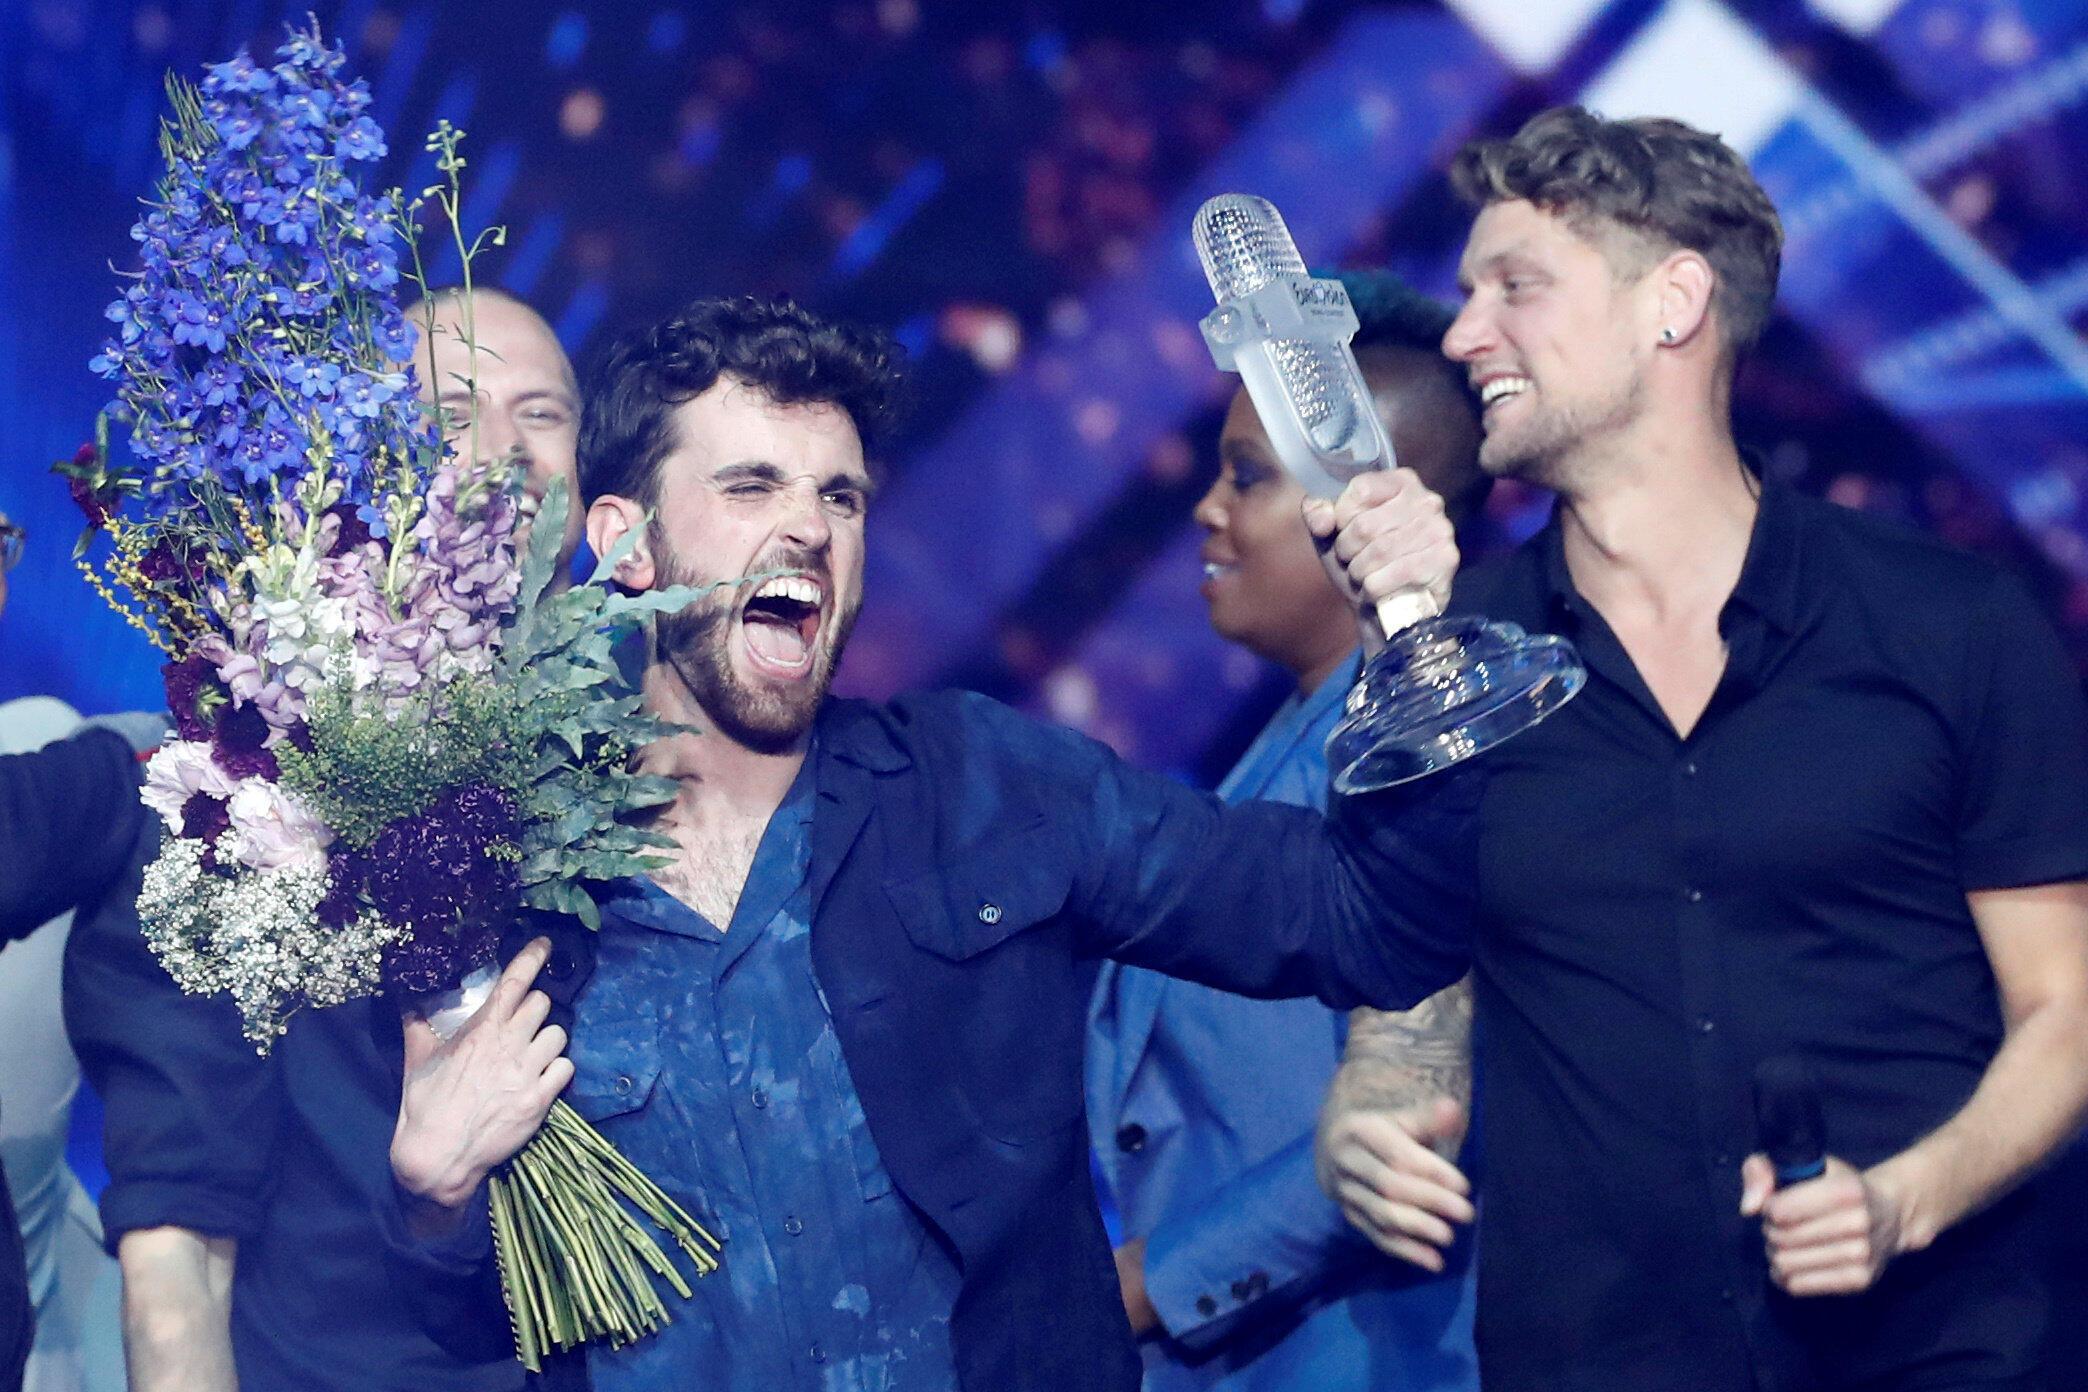 Ảnh minh họa : Ca sĩ Hà Lan Laurence Duncan thắng giải Eurovision 2019 tổ chức tại Tel Aviv, Israel.